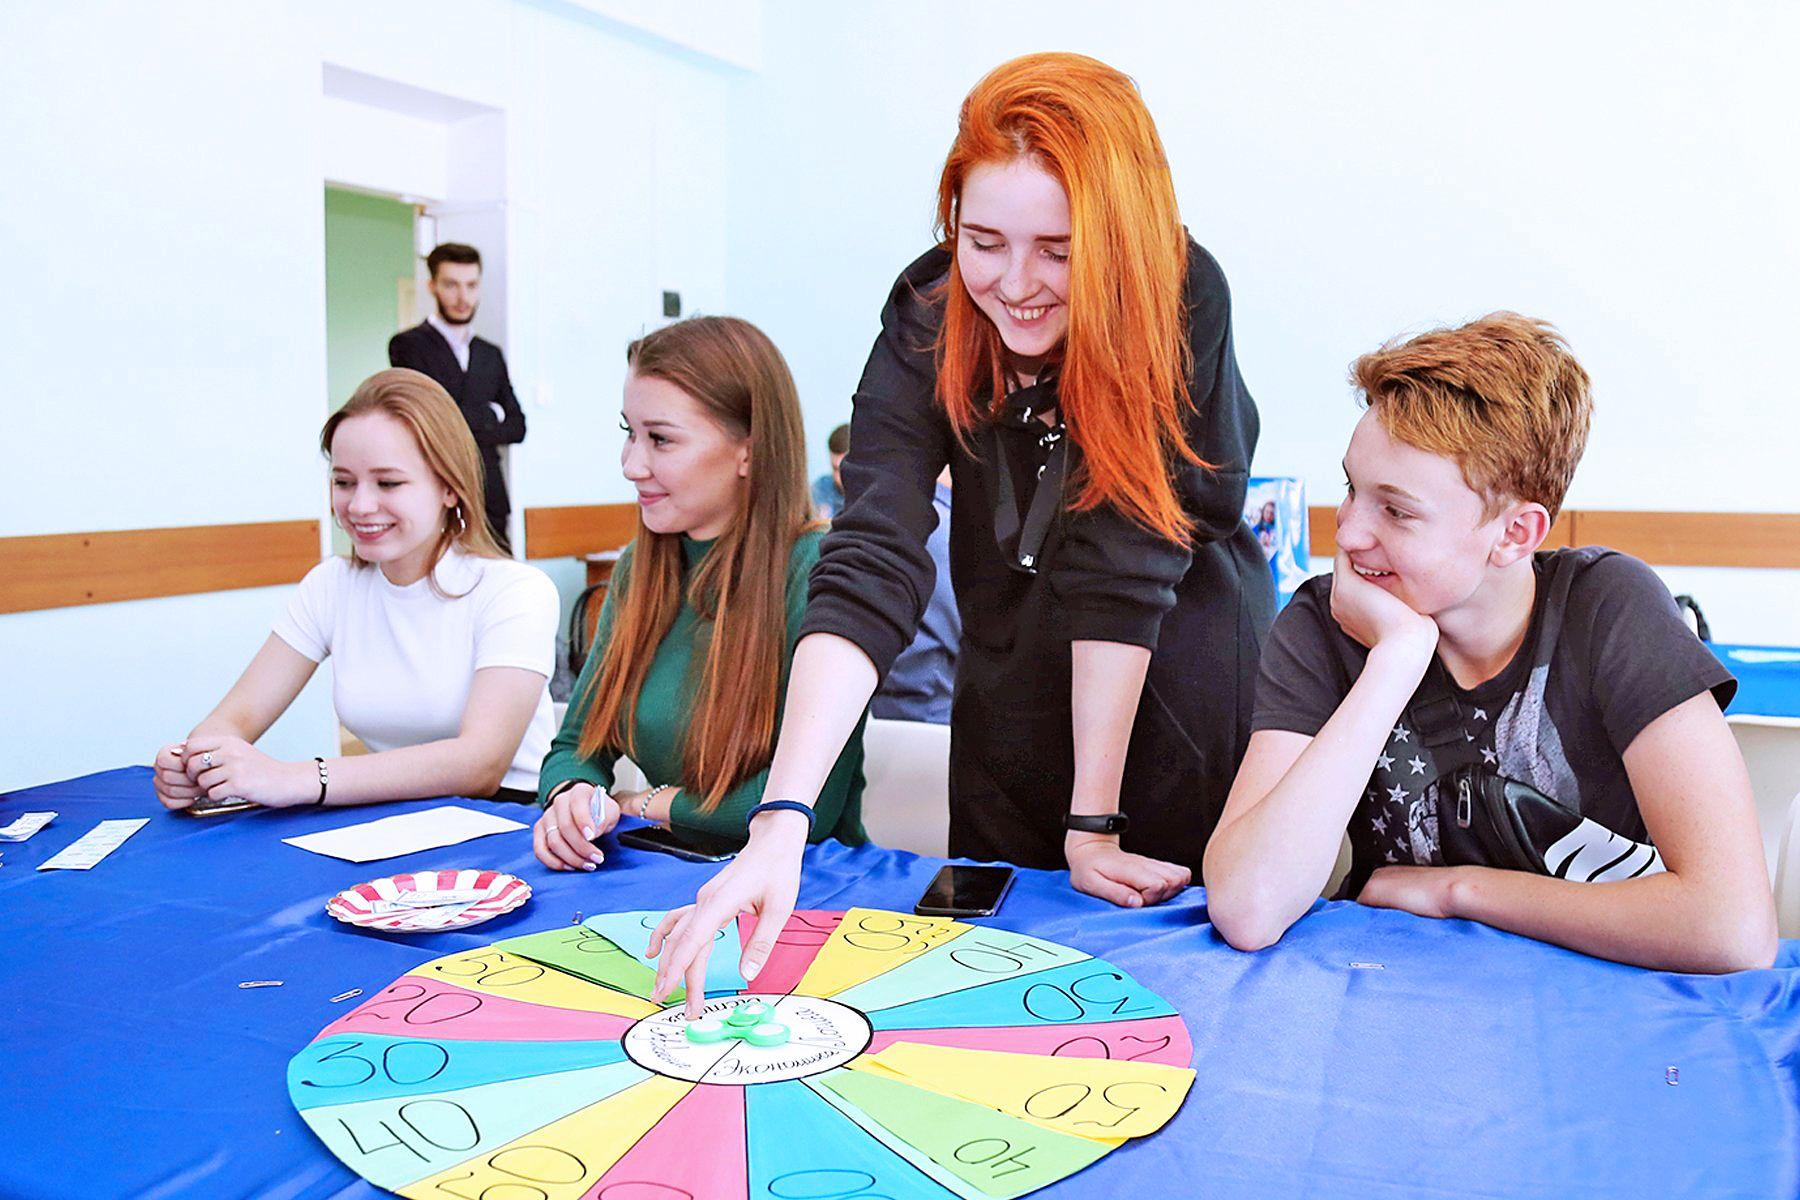 Цветовой круг, bleisure-туризм и цифровой мир: в Академическом колледже ВГУЭС стартуют вебинары для старшеклассников